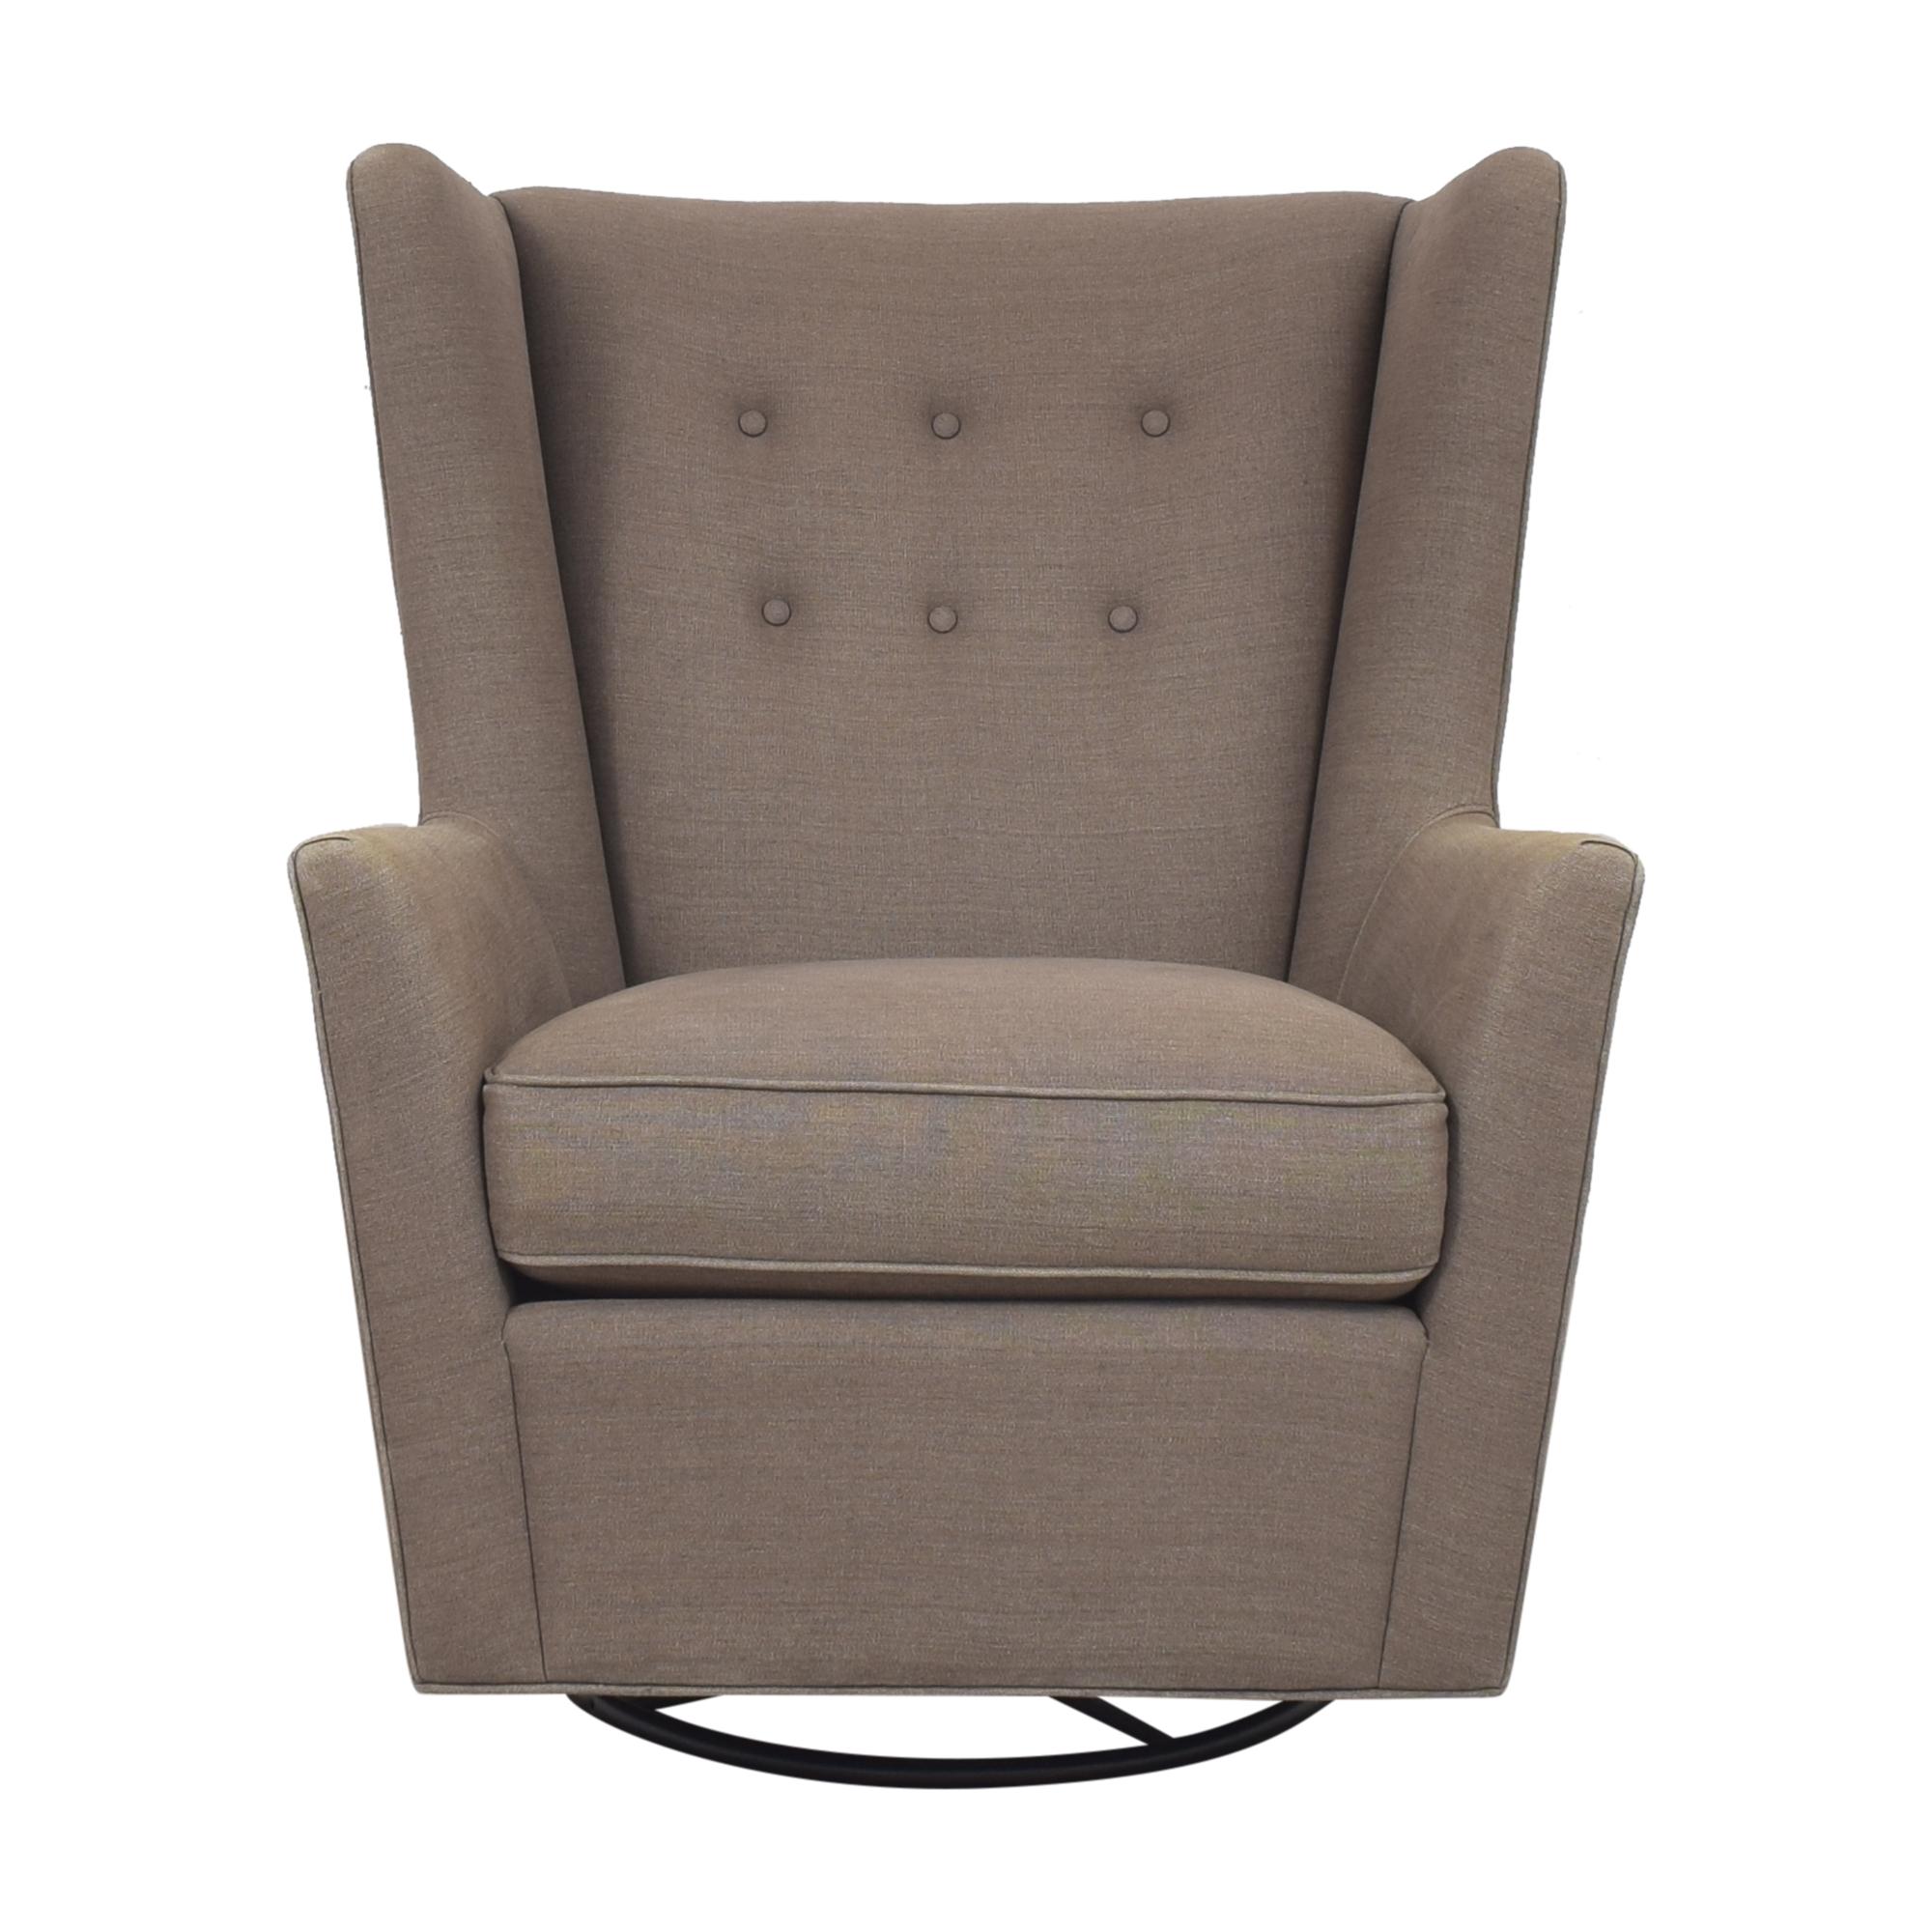 DwellStudio DwellStudio Myles Glider Chair